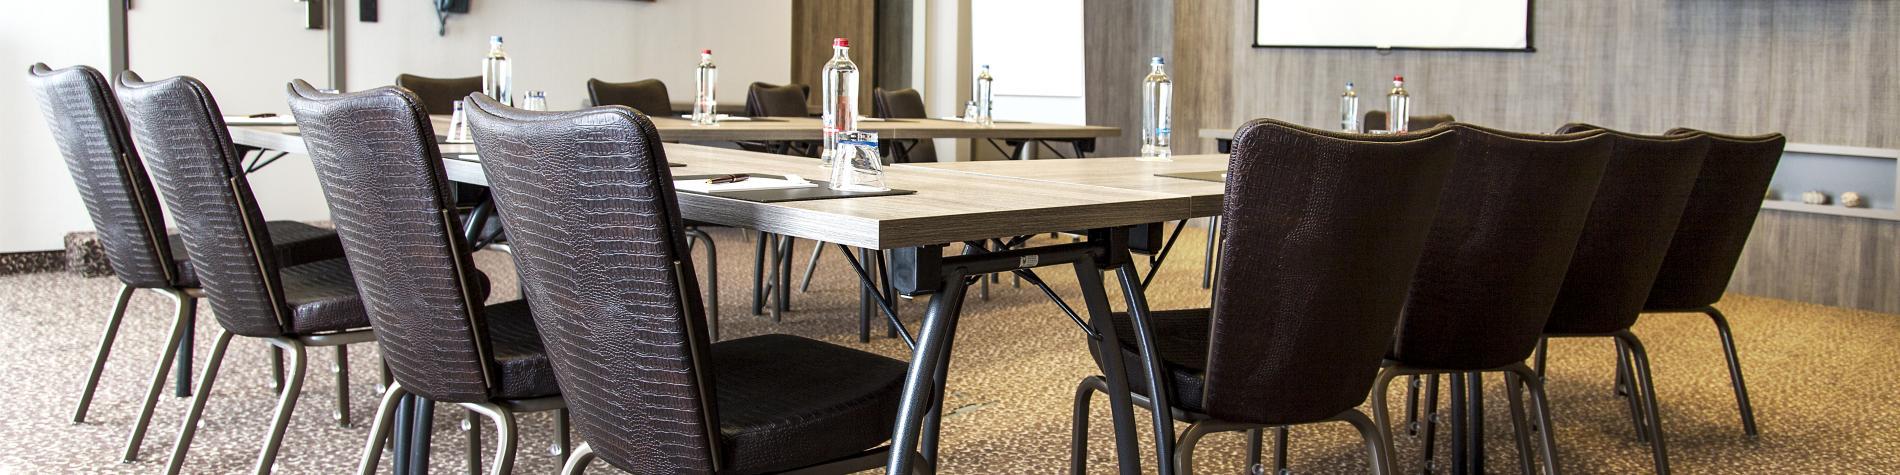 Salle de réunion à l'hôtel Quartier Latin à Marche-en-Famenne Business & Meetings